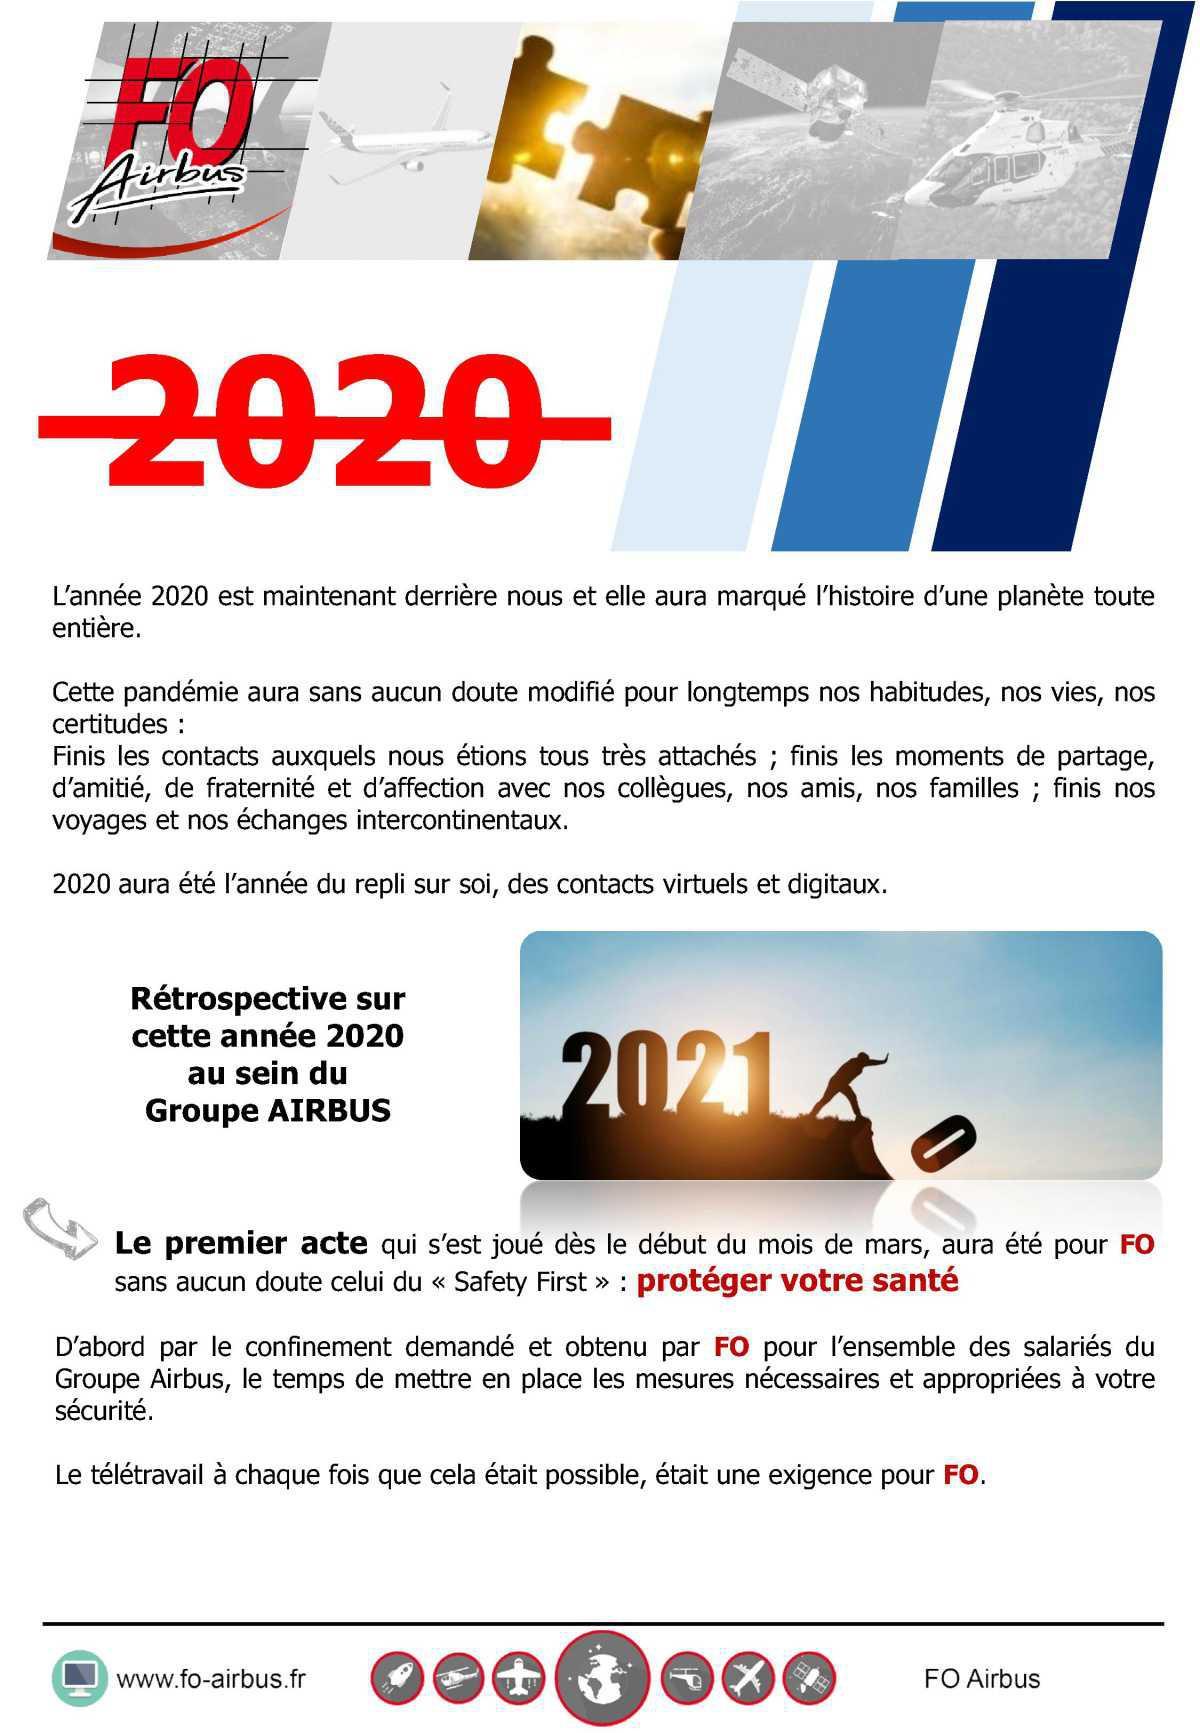 Rétrospective sur l'année 2020 au sein du Groupe AIRBUS